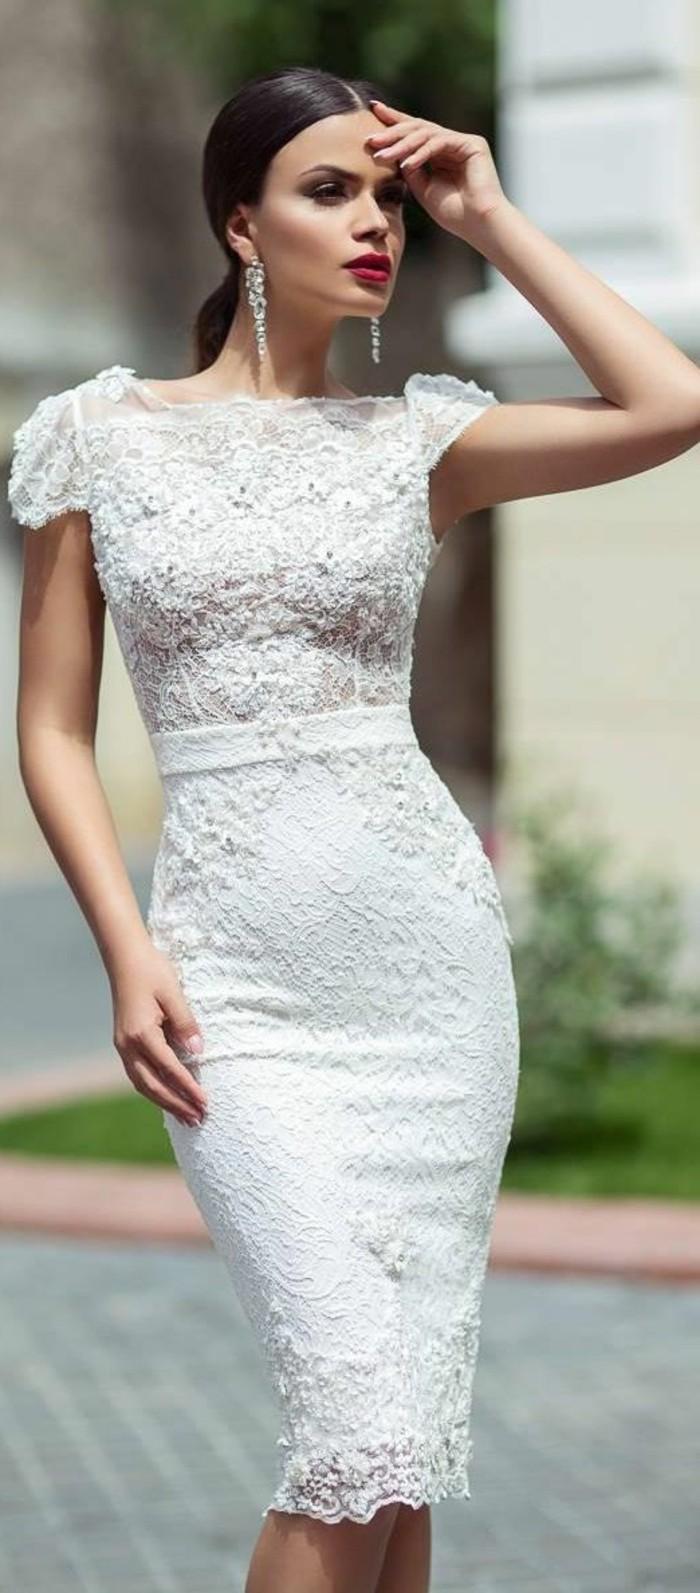 0-robe-de-mariage-dentelle-blanche-robe-de-mariage-civil-dentelle-blanche